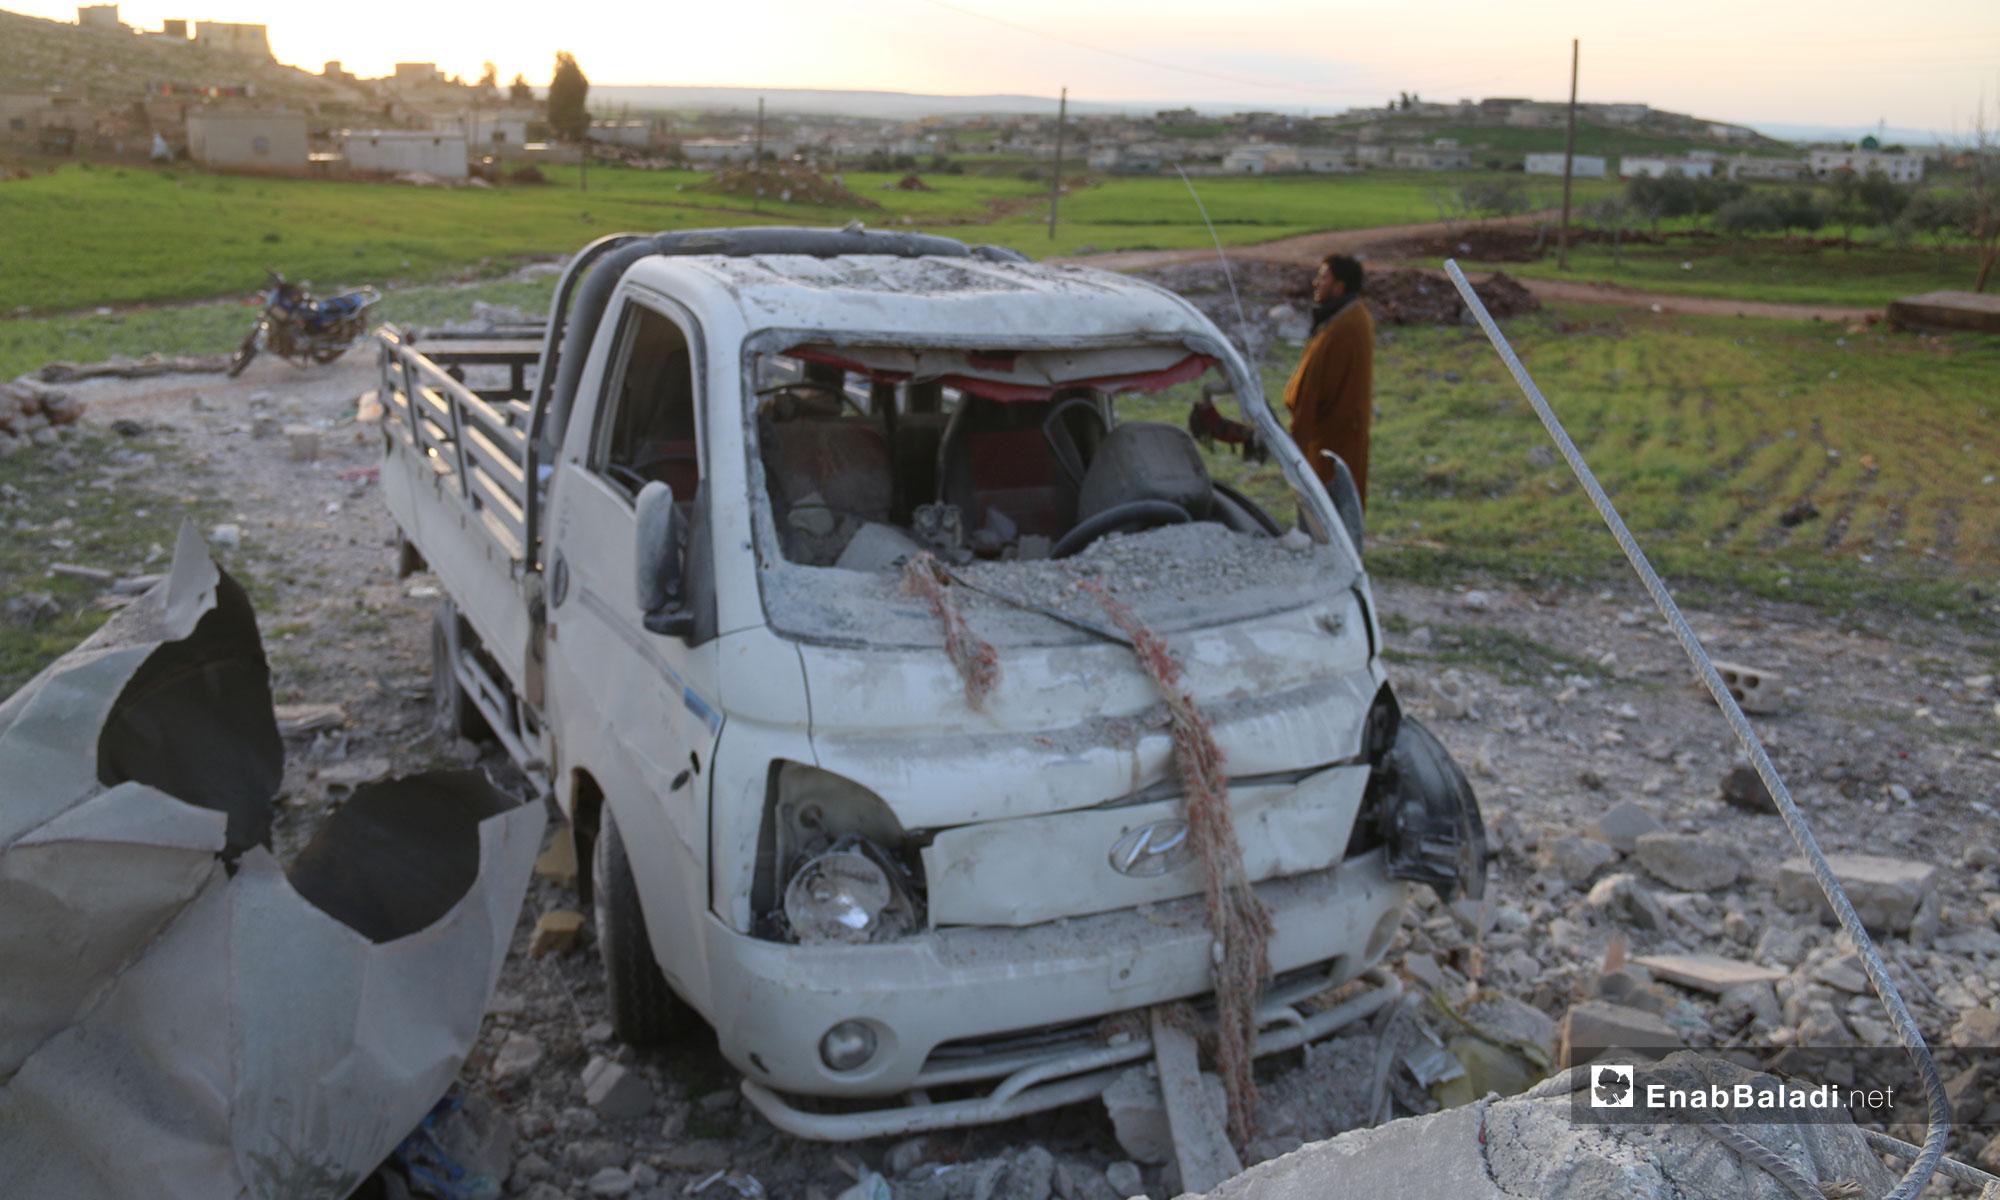 آثار الدمار على بلدة الفقيع جنوب إدلب نتيجة القصف - 21 من آذار 2019 (عنب بلدي)